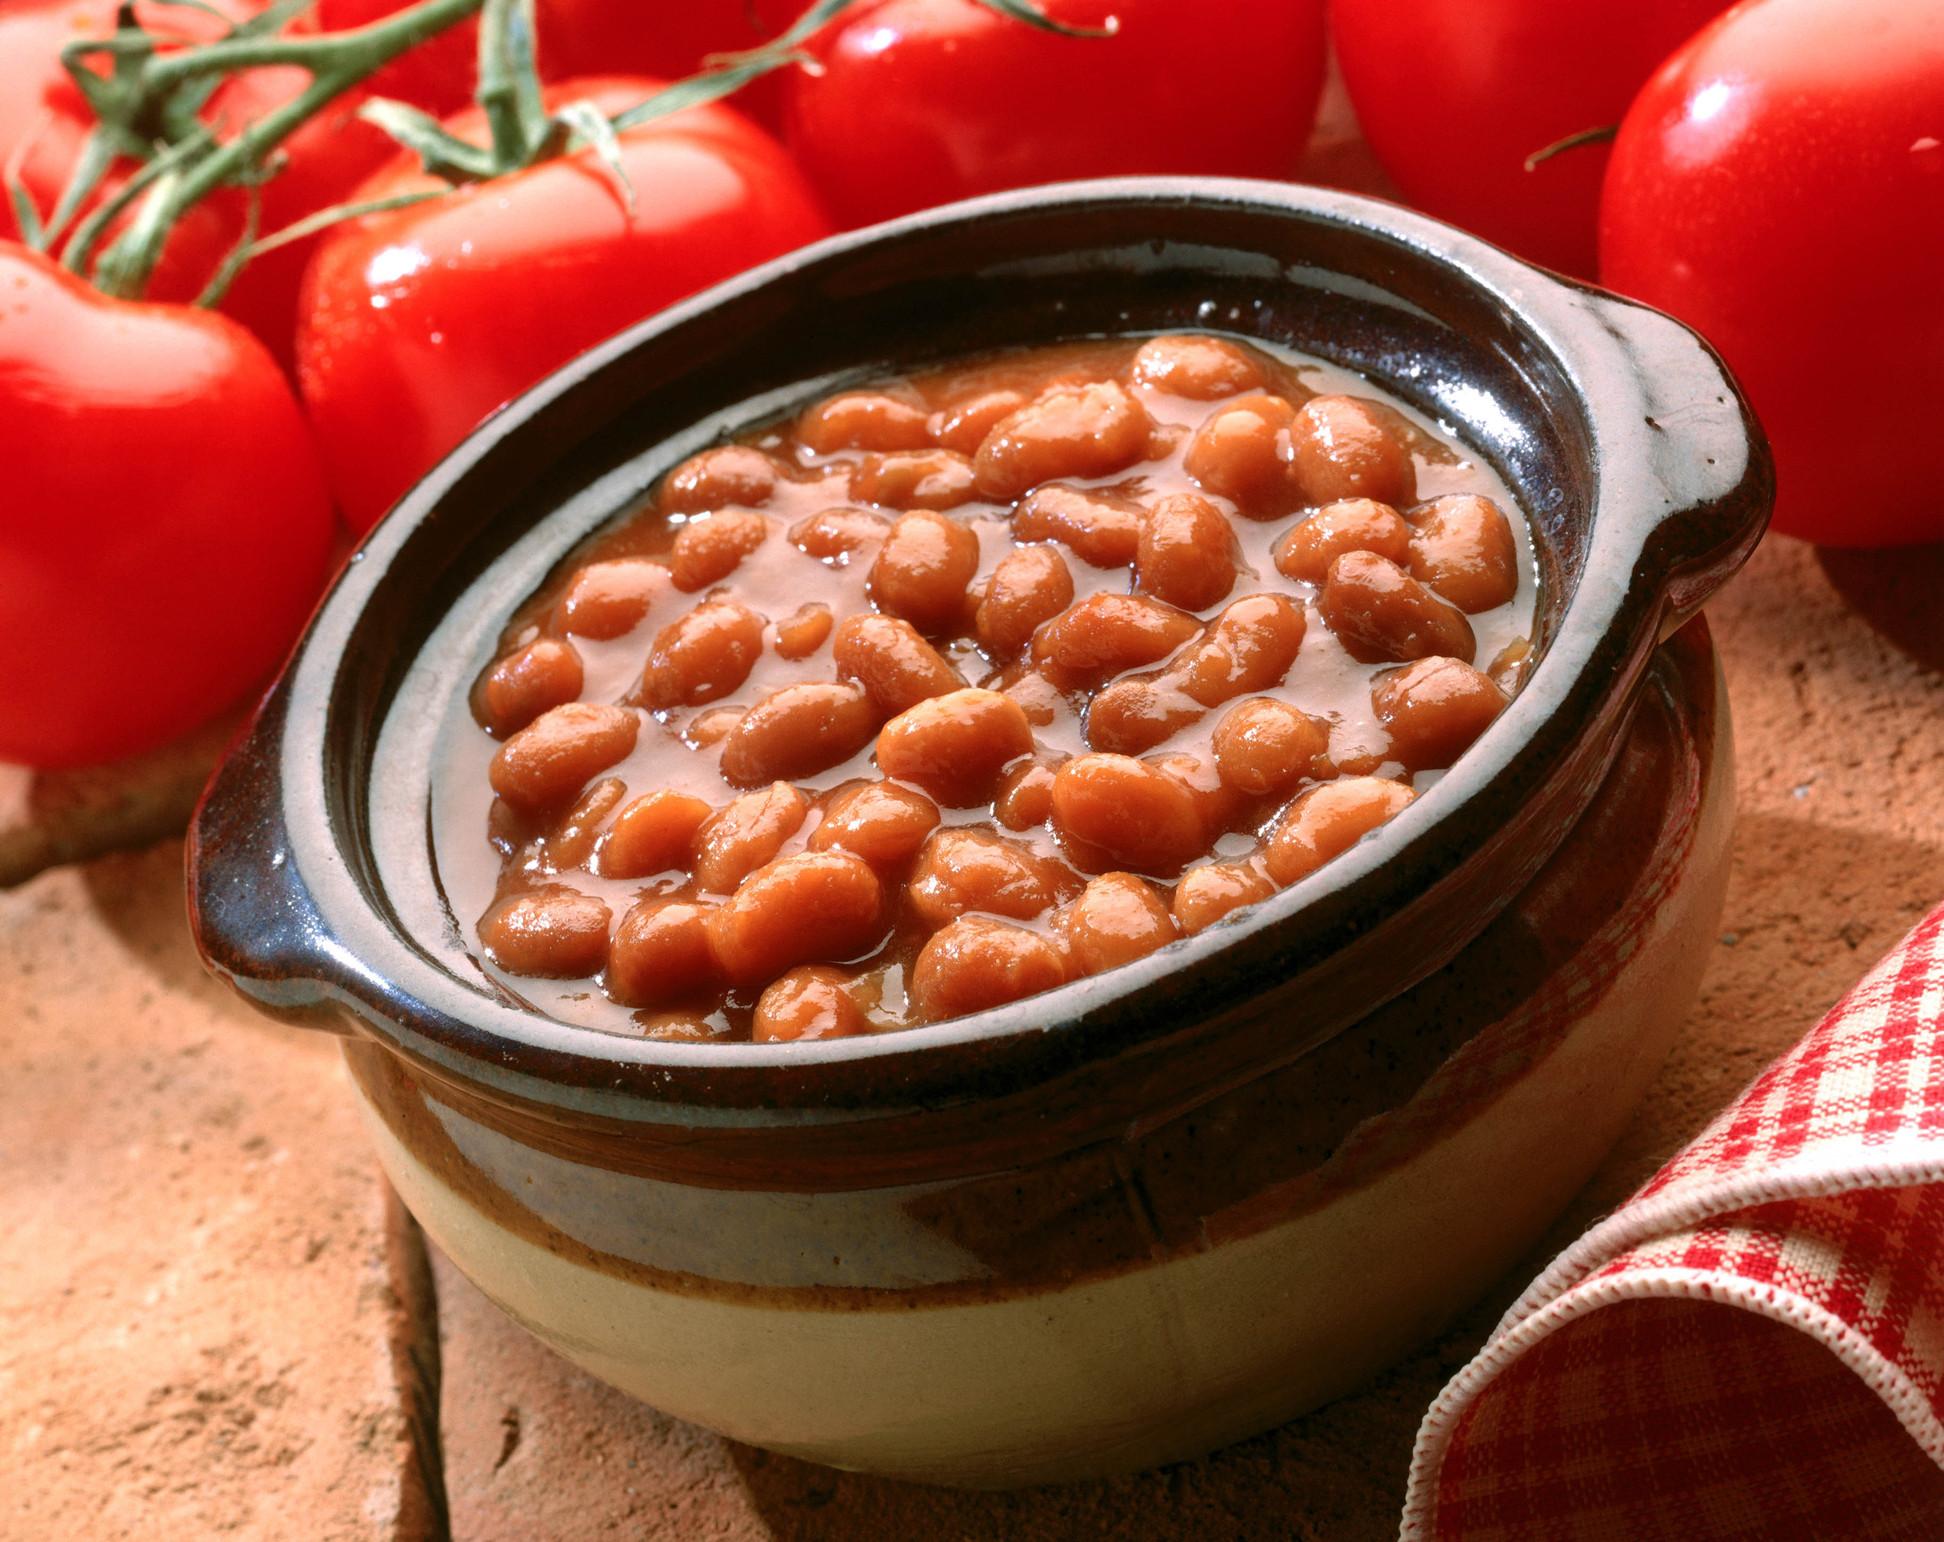 Фасоль с овощами в томатном соусе - 11 пошаговых фото в рецепте